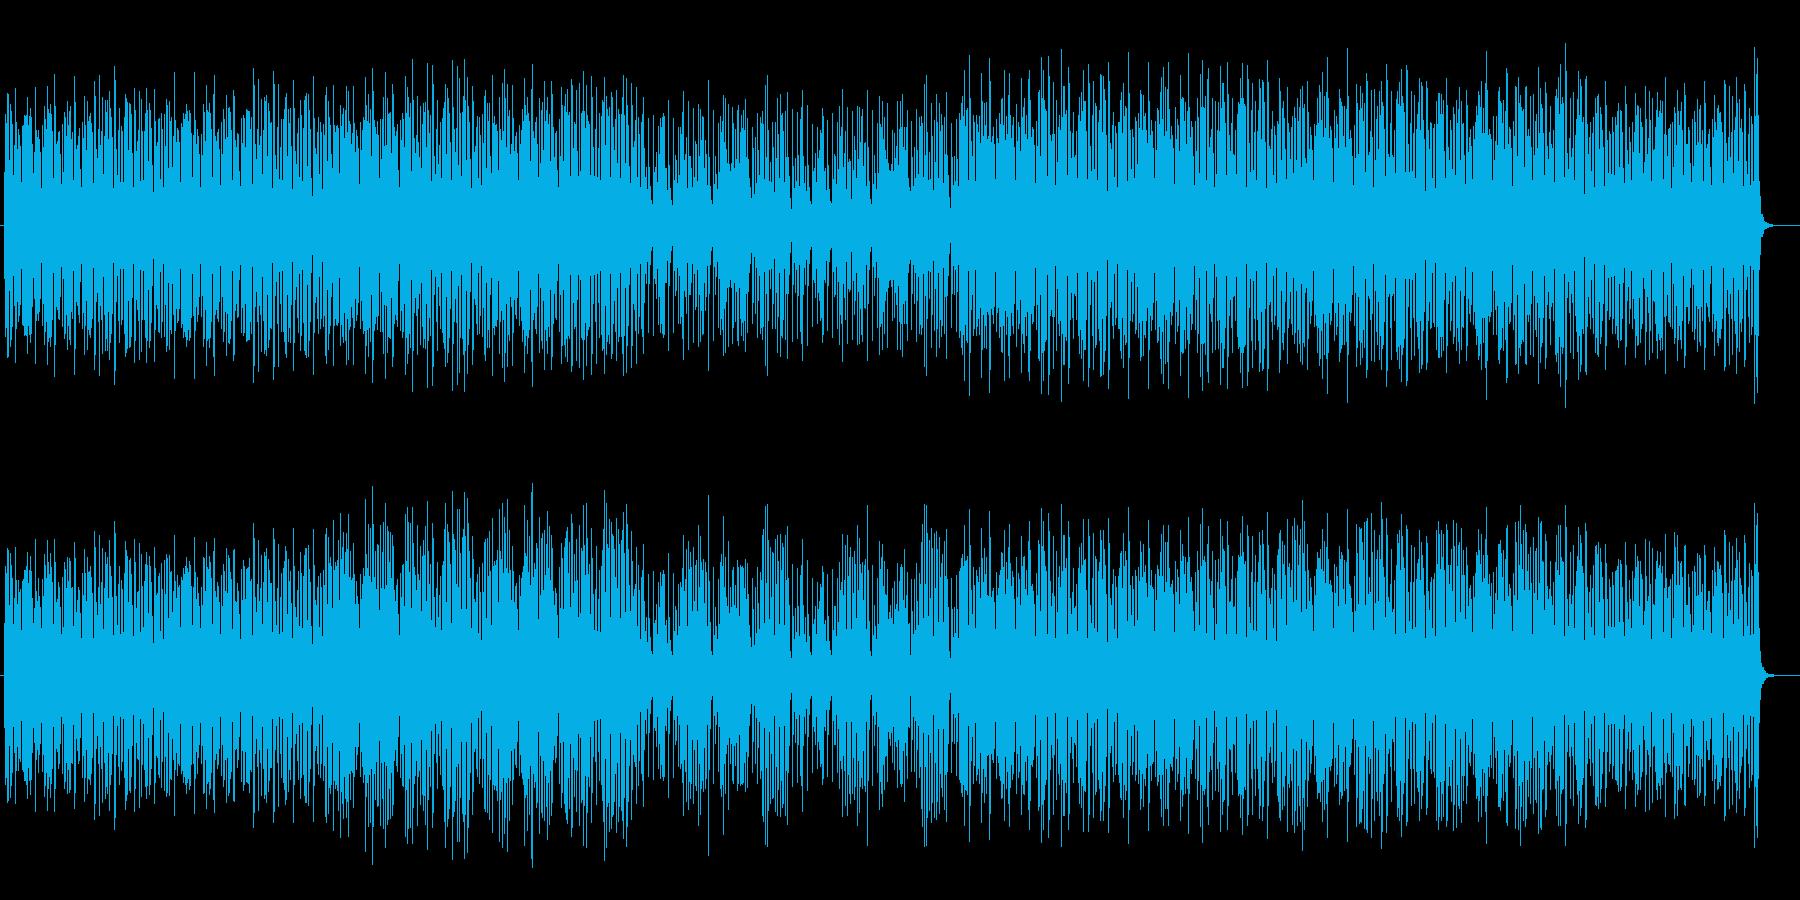 お洒落で浮遊感のあるポップスの再生済みの波形